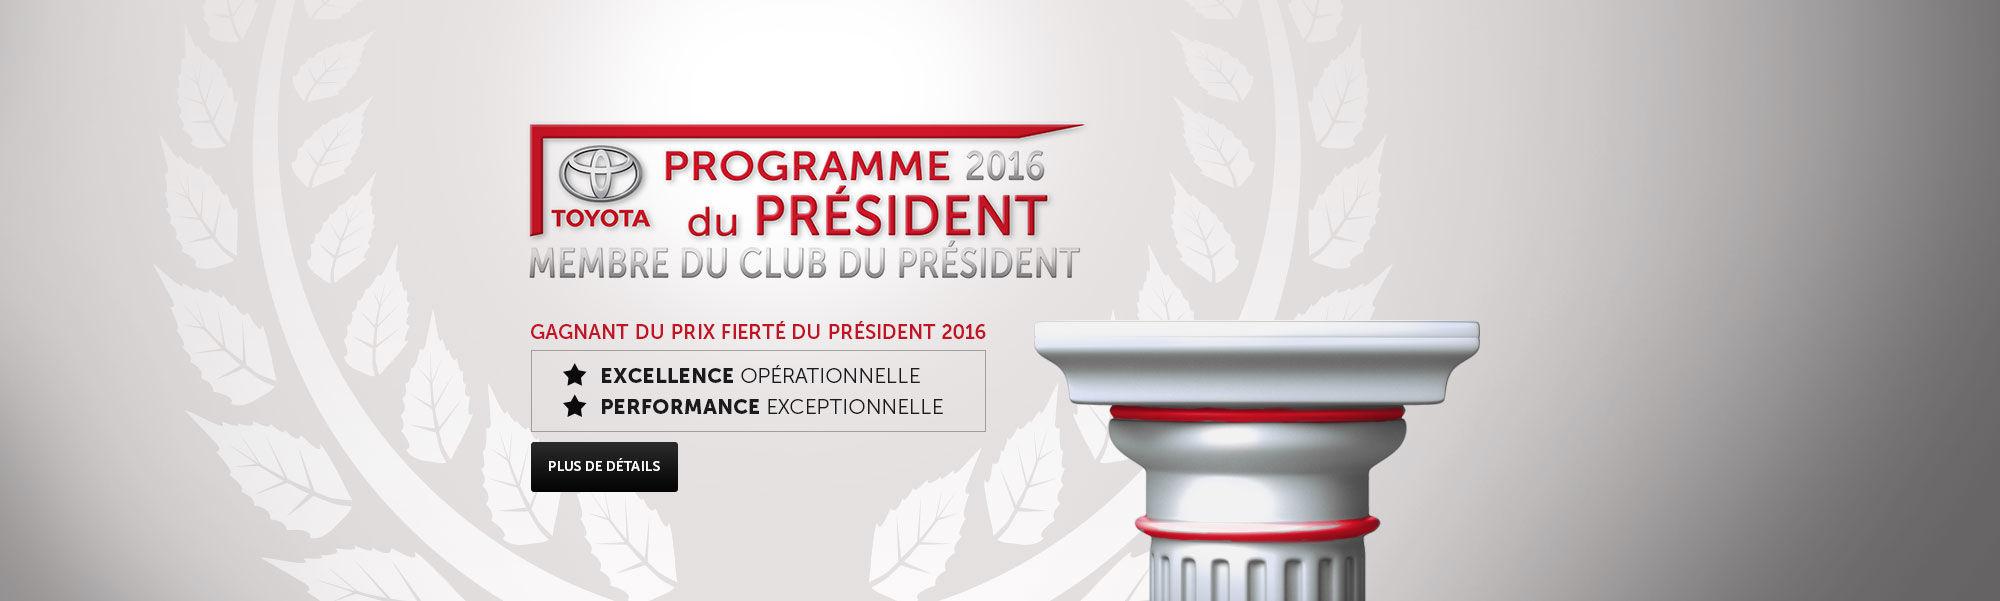 Programme Président